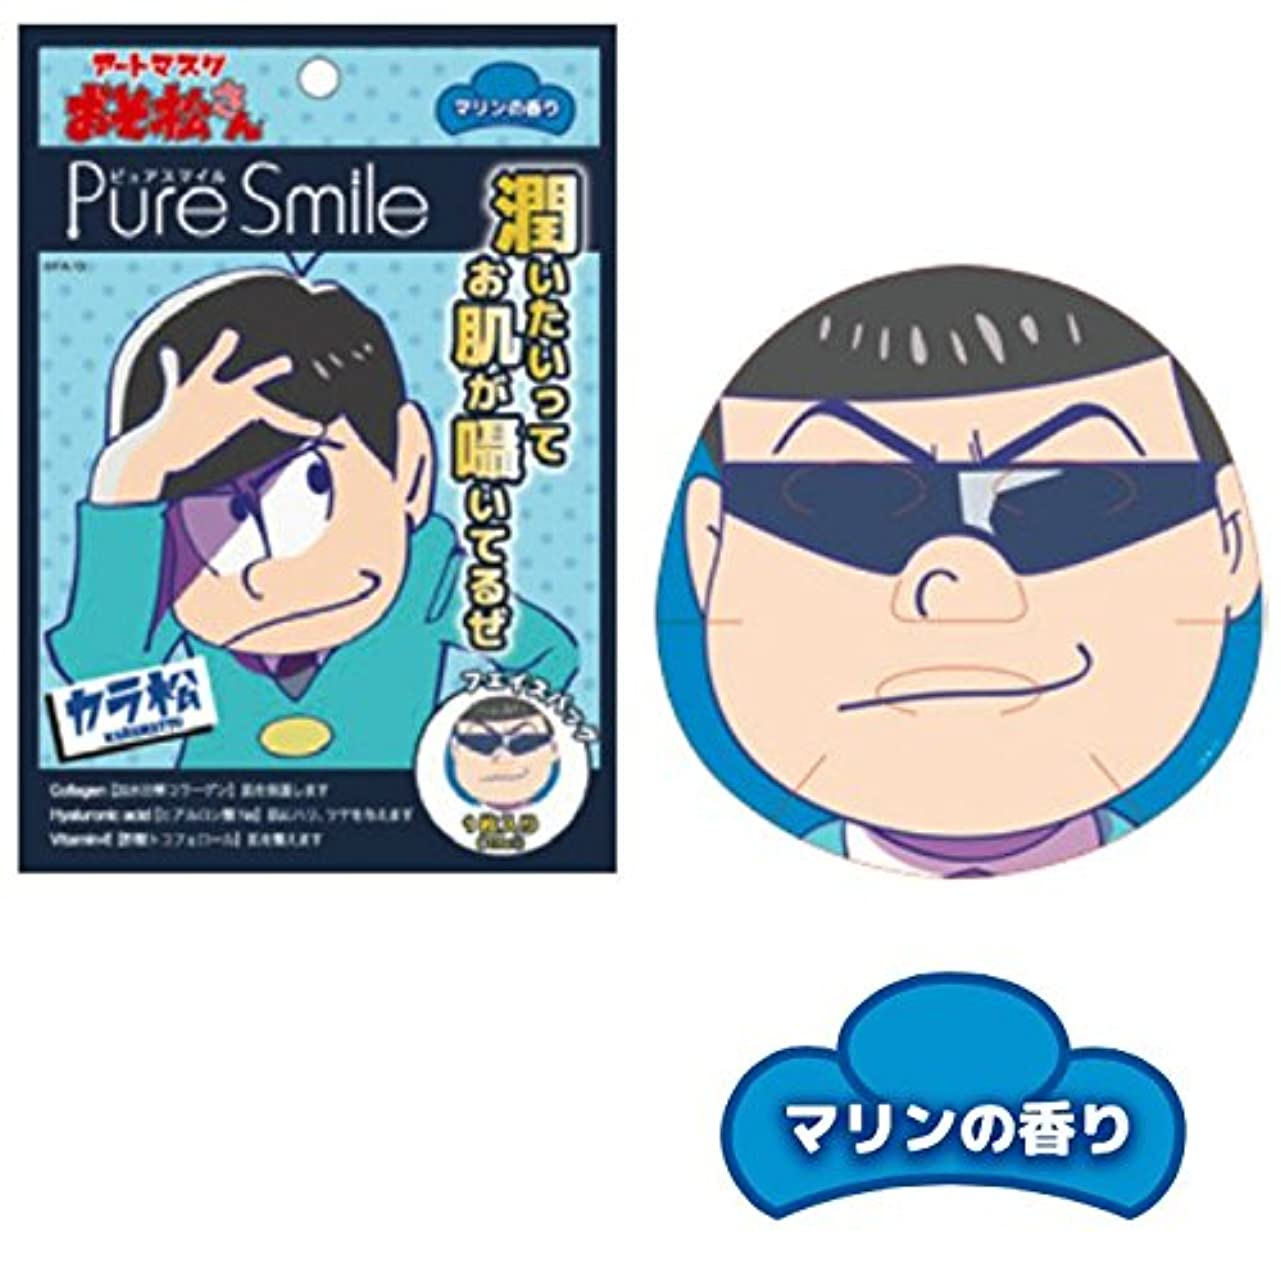 ピュアスマイル 『おそ松さんアートマスク』(カラ松柄/マリンの香り)